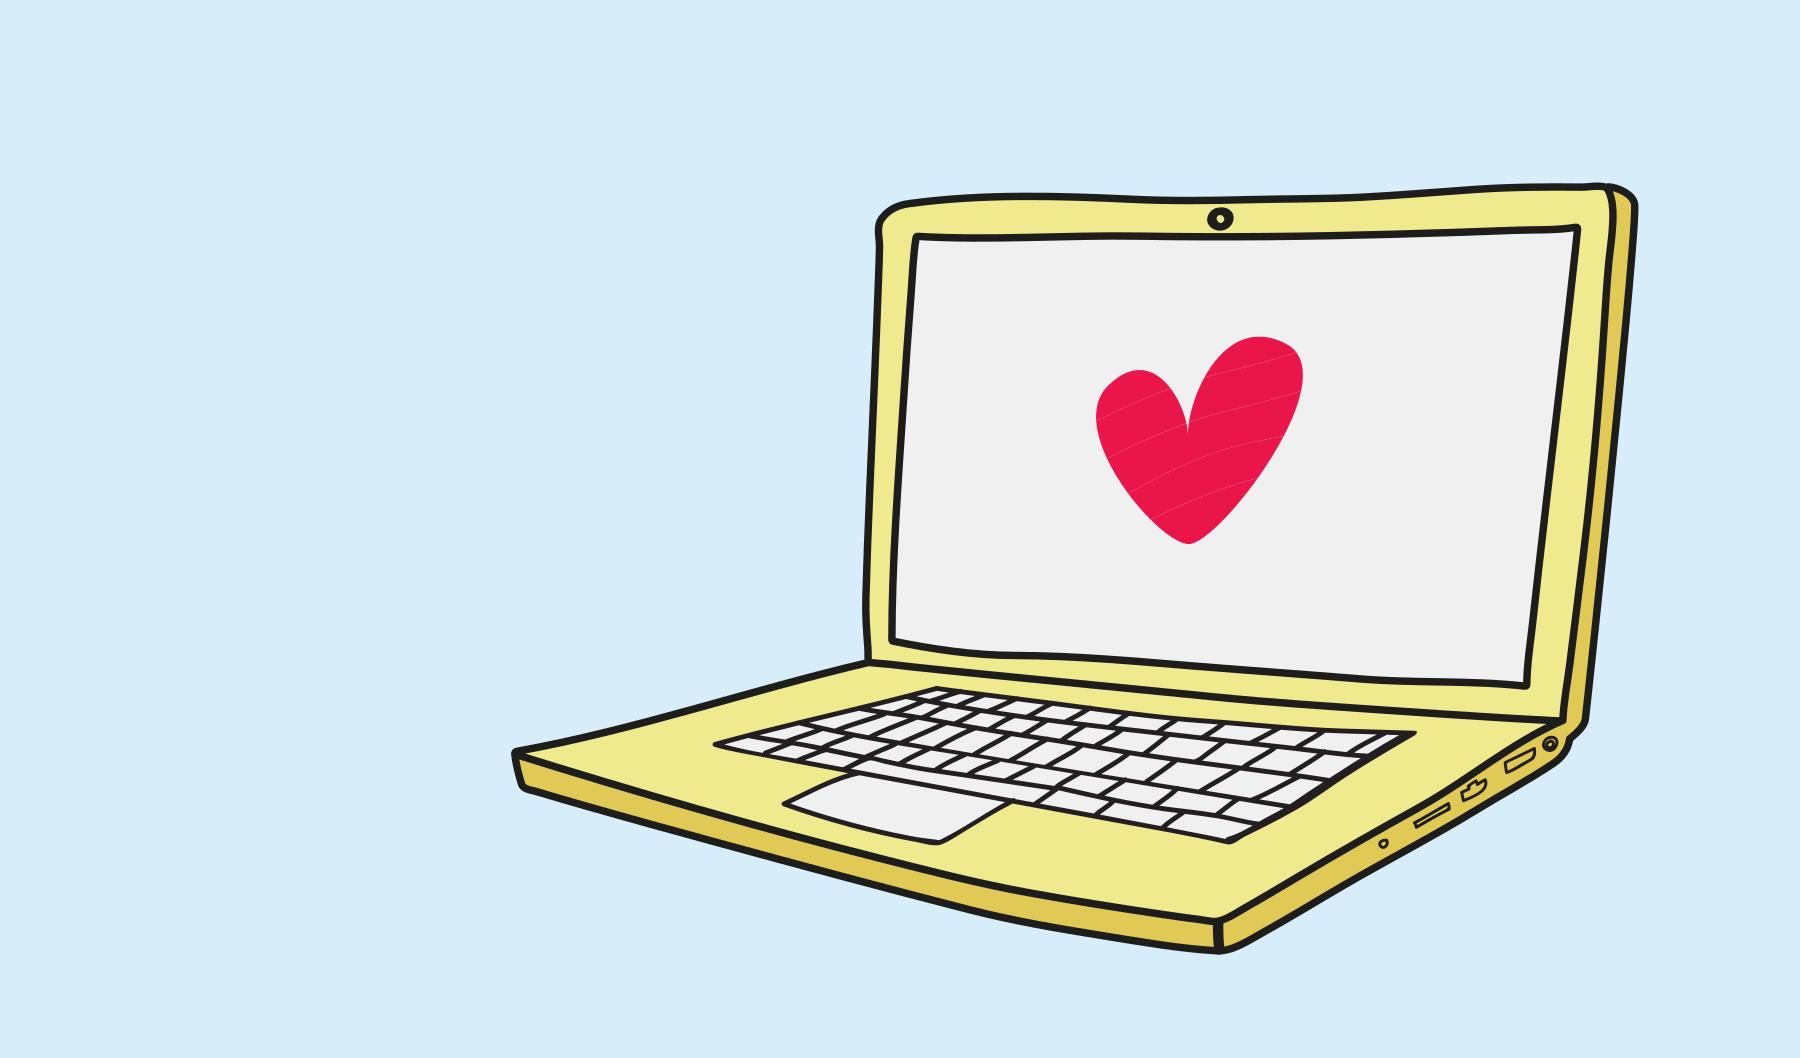 Illustrerad bild på en gul laptop som har ett rött hjärta på skärmen.